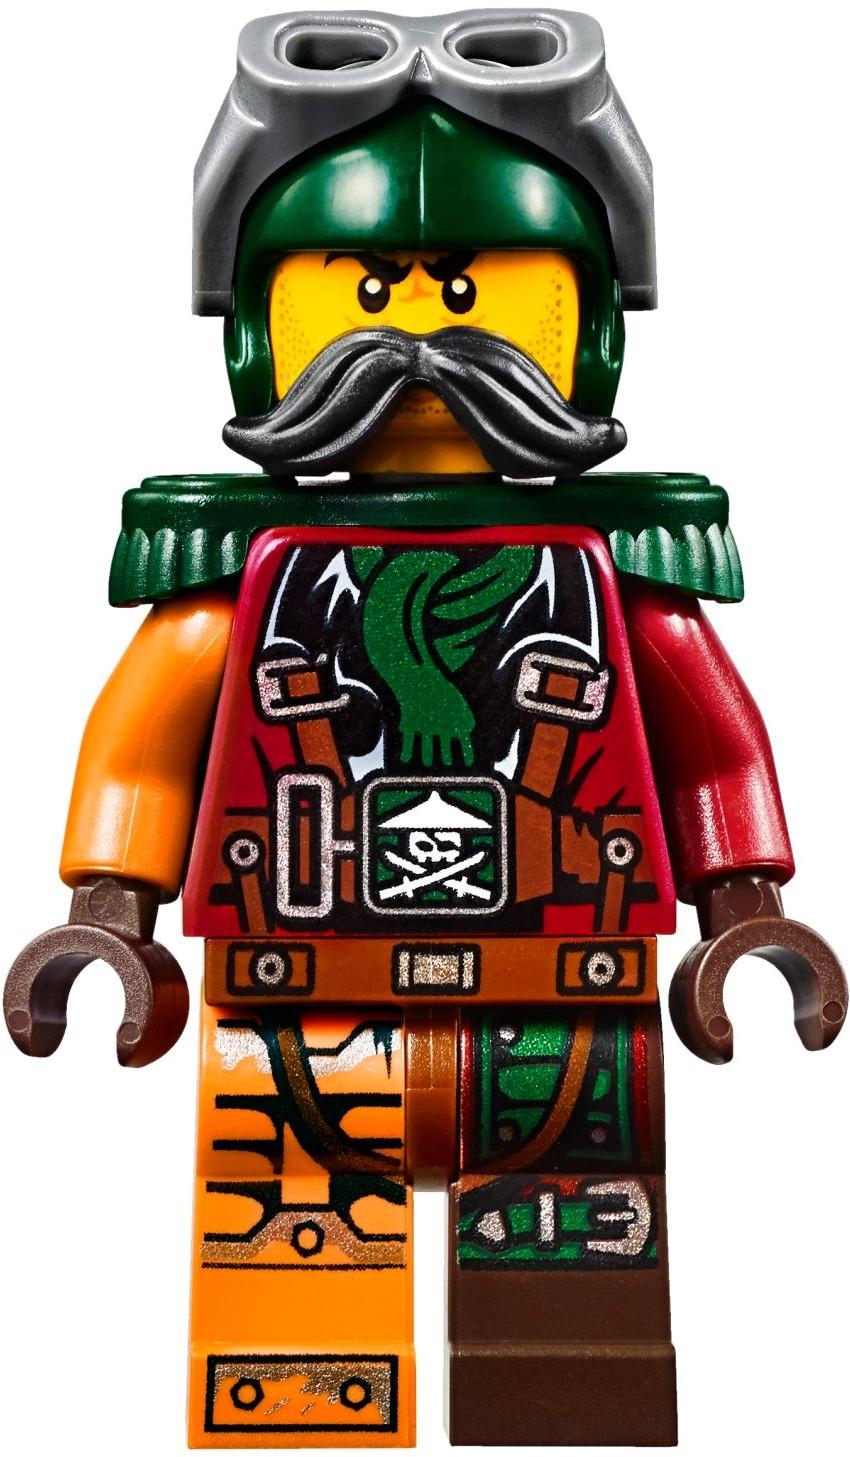 Flintlocke ninjago wiki fandom powered by wikia - Lego ninjago 6 ...